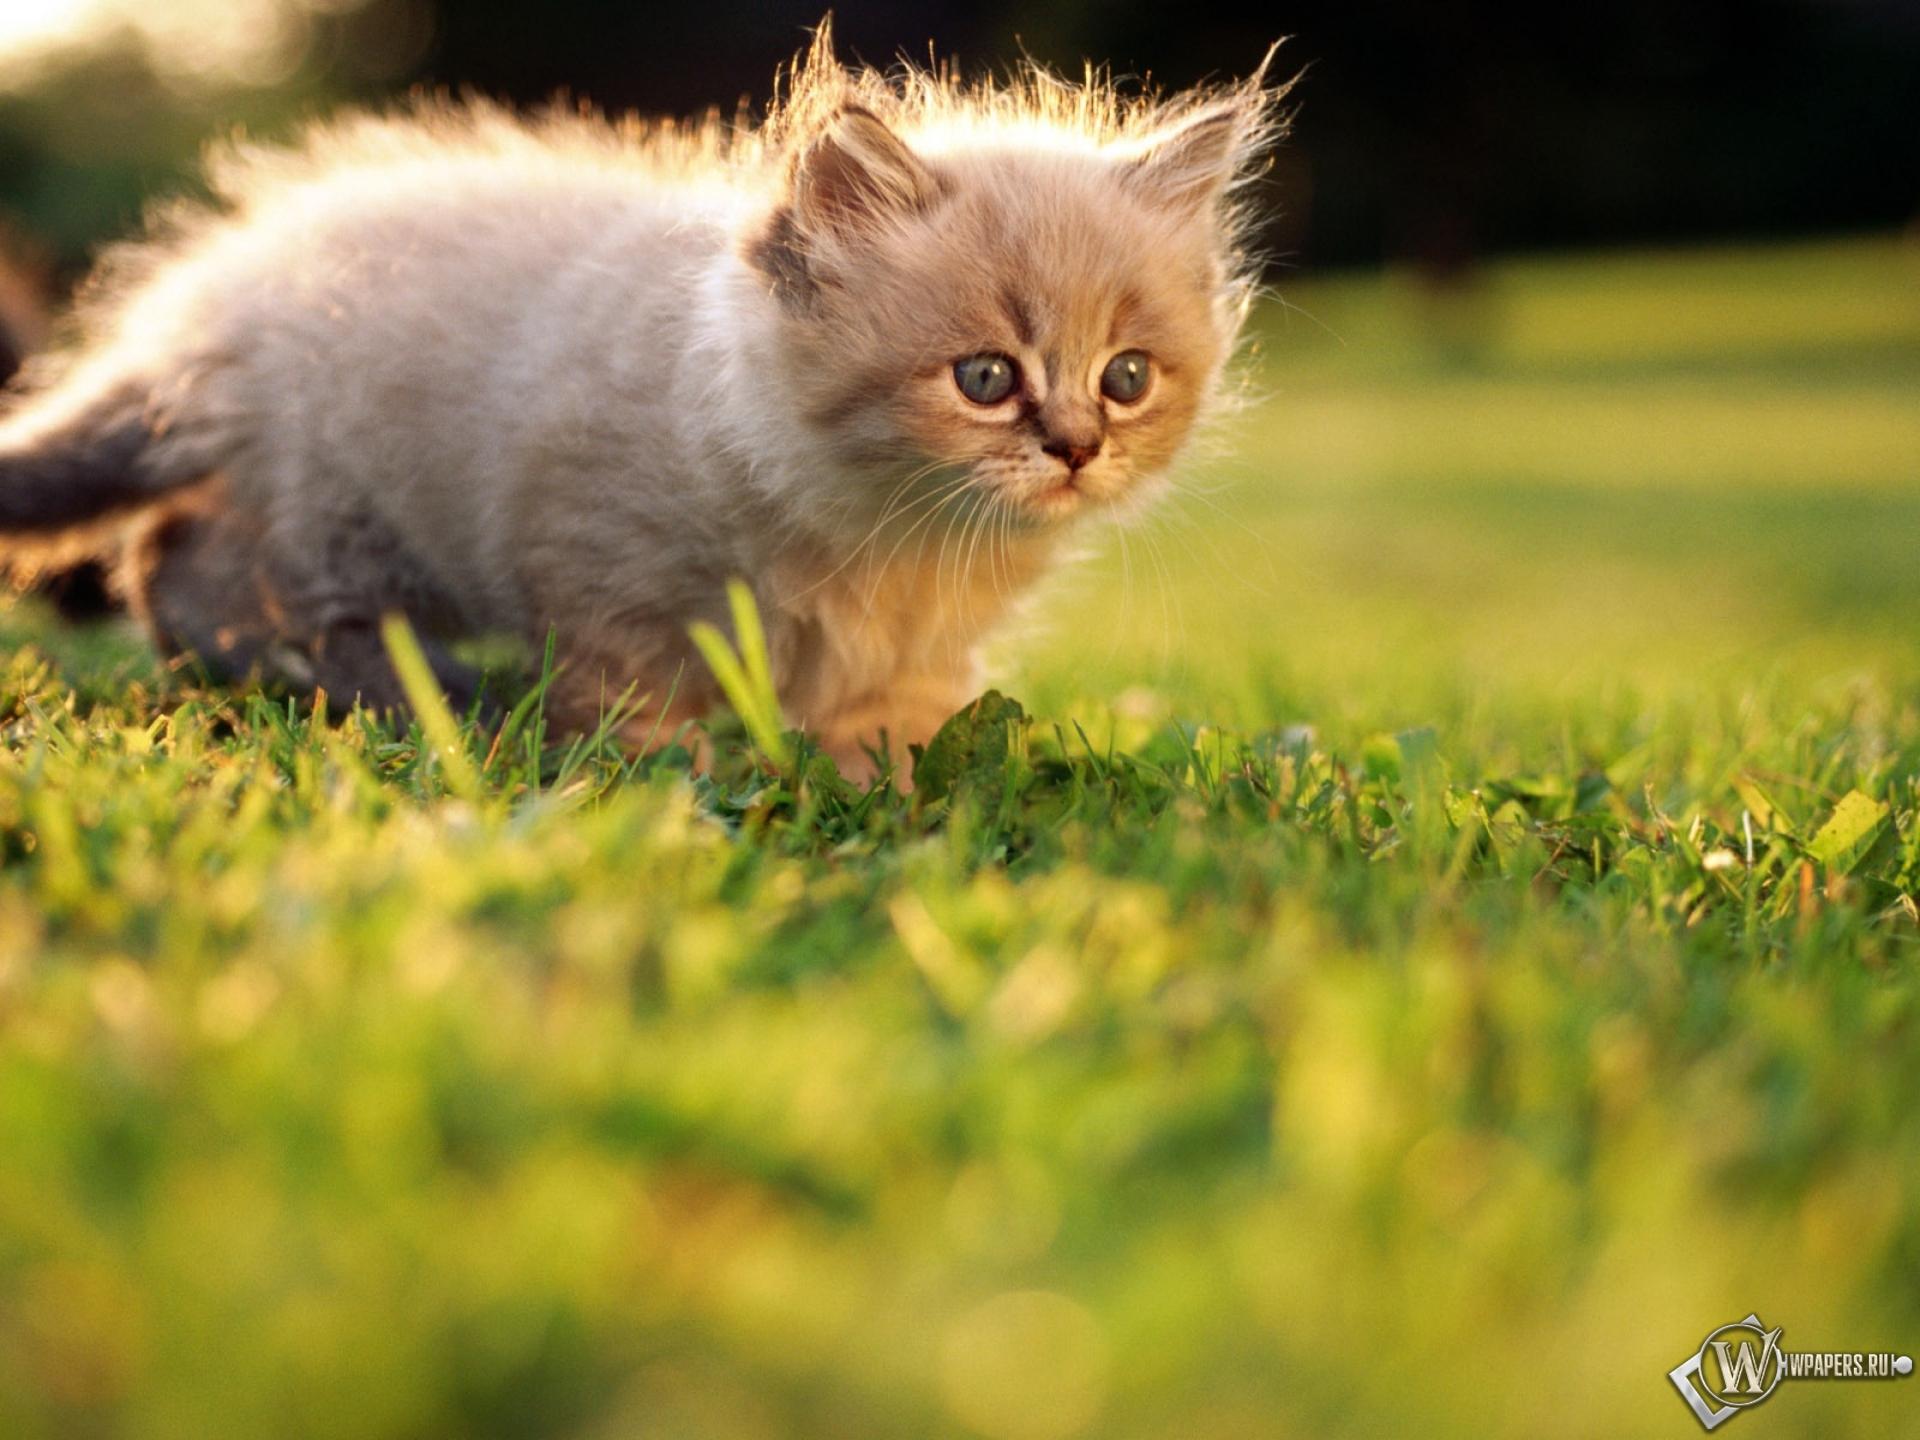 Котёнок на прогулке 1920x1440